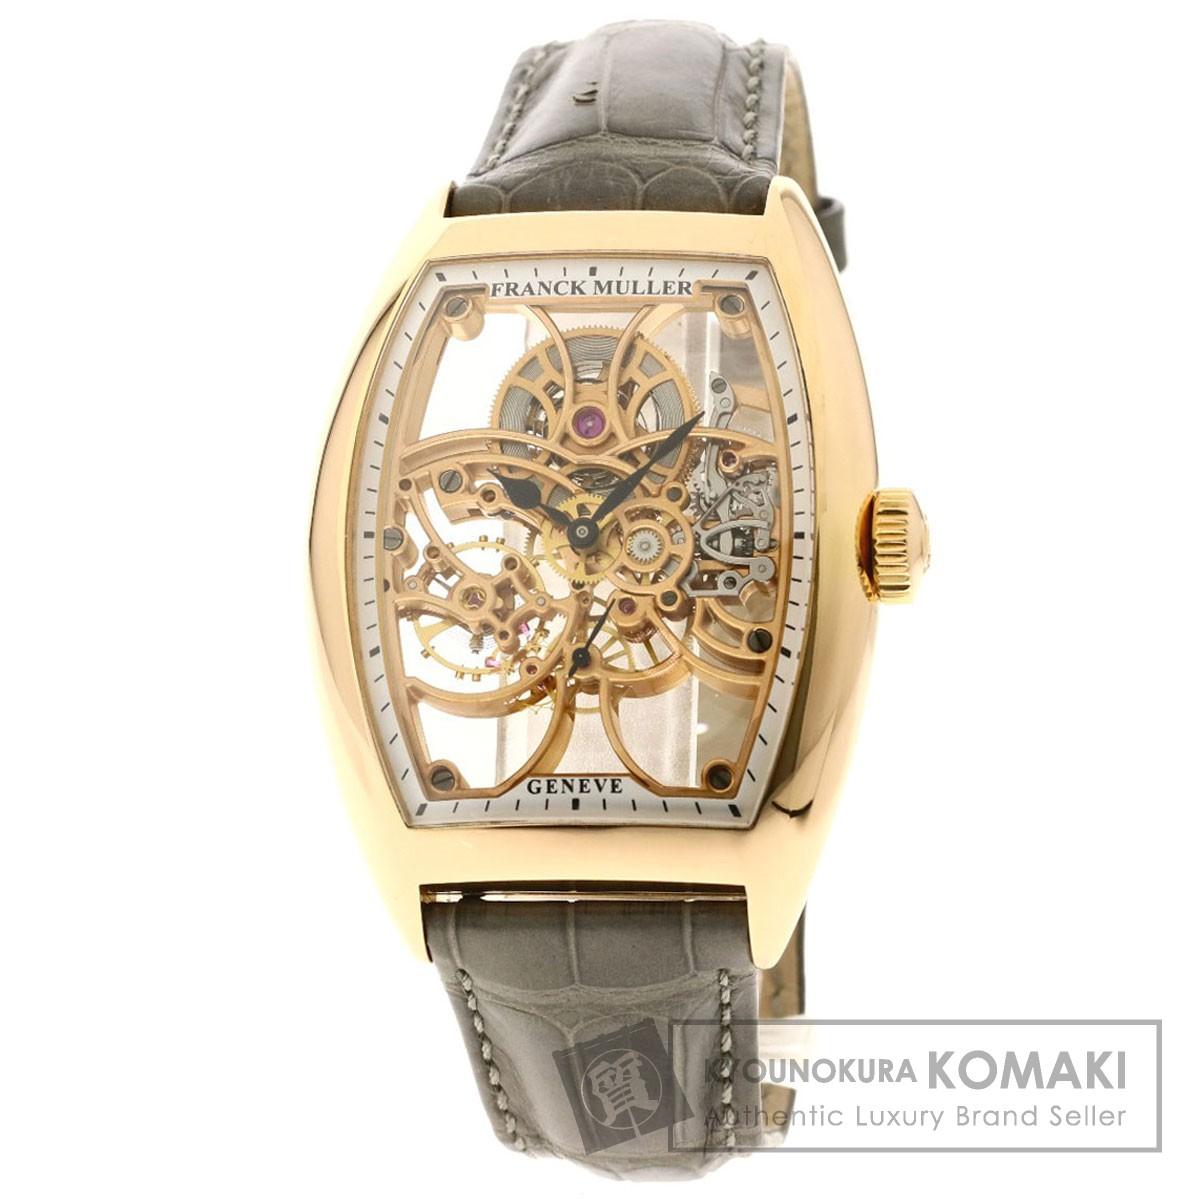 フランクミュラー 8880BS6SQT トノウカーベックス セブンデイズ パワーリザーブ スケルトン 腕時計 K18ピンクゴールド/革 メンズ 【中古】【FRANCK MULLER】